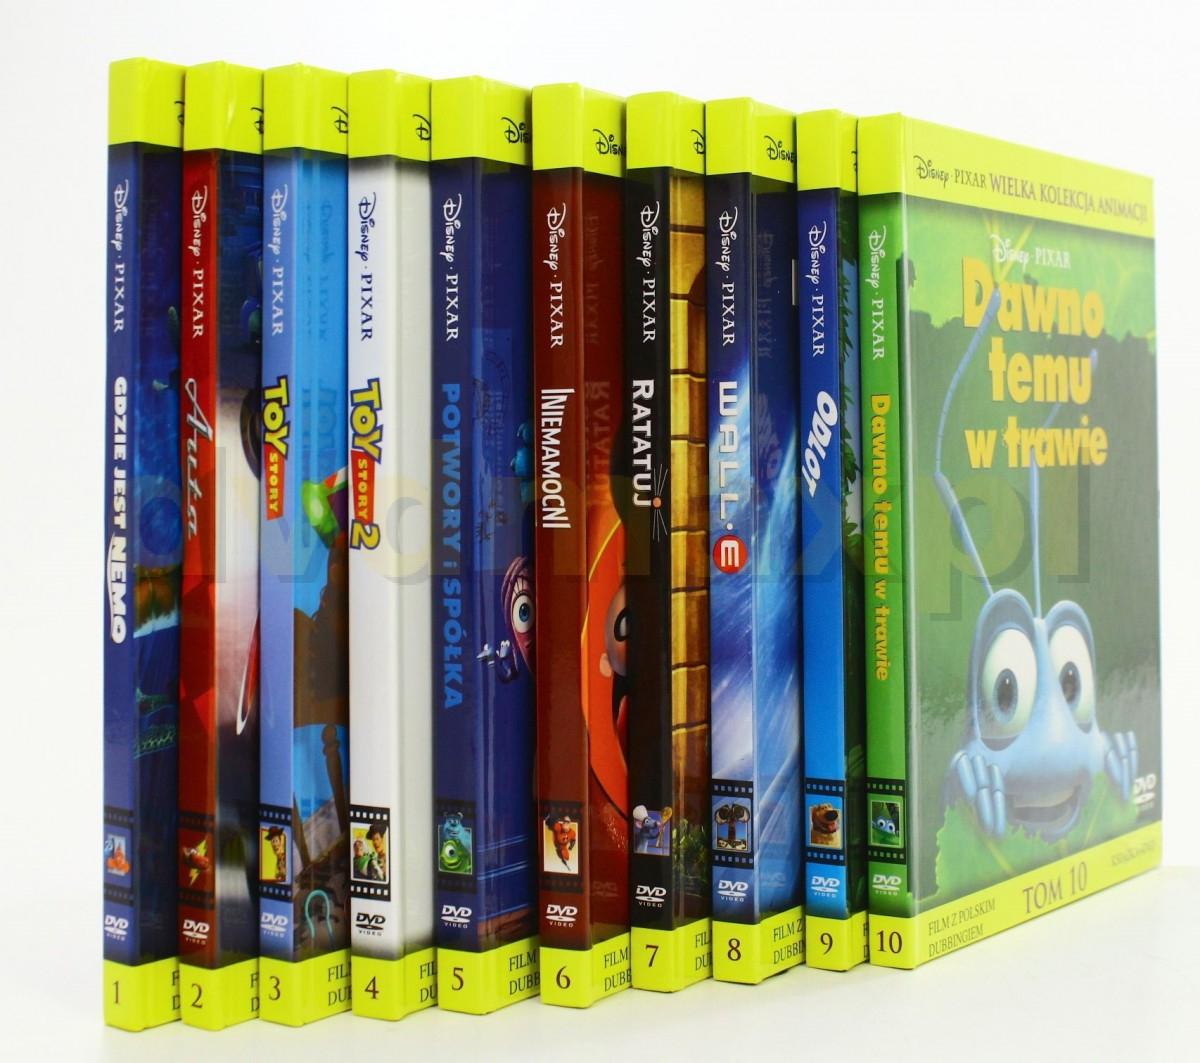 Filmy animowane studia PIXAR na DVD (min. Toy Story, Gdzie jest Nemo, Wall-E i inne!) @ Dedalus